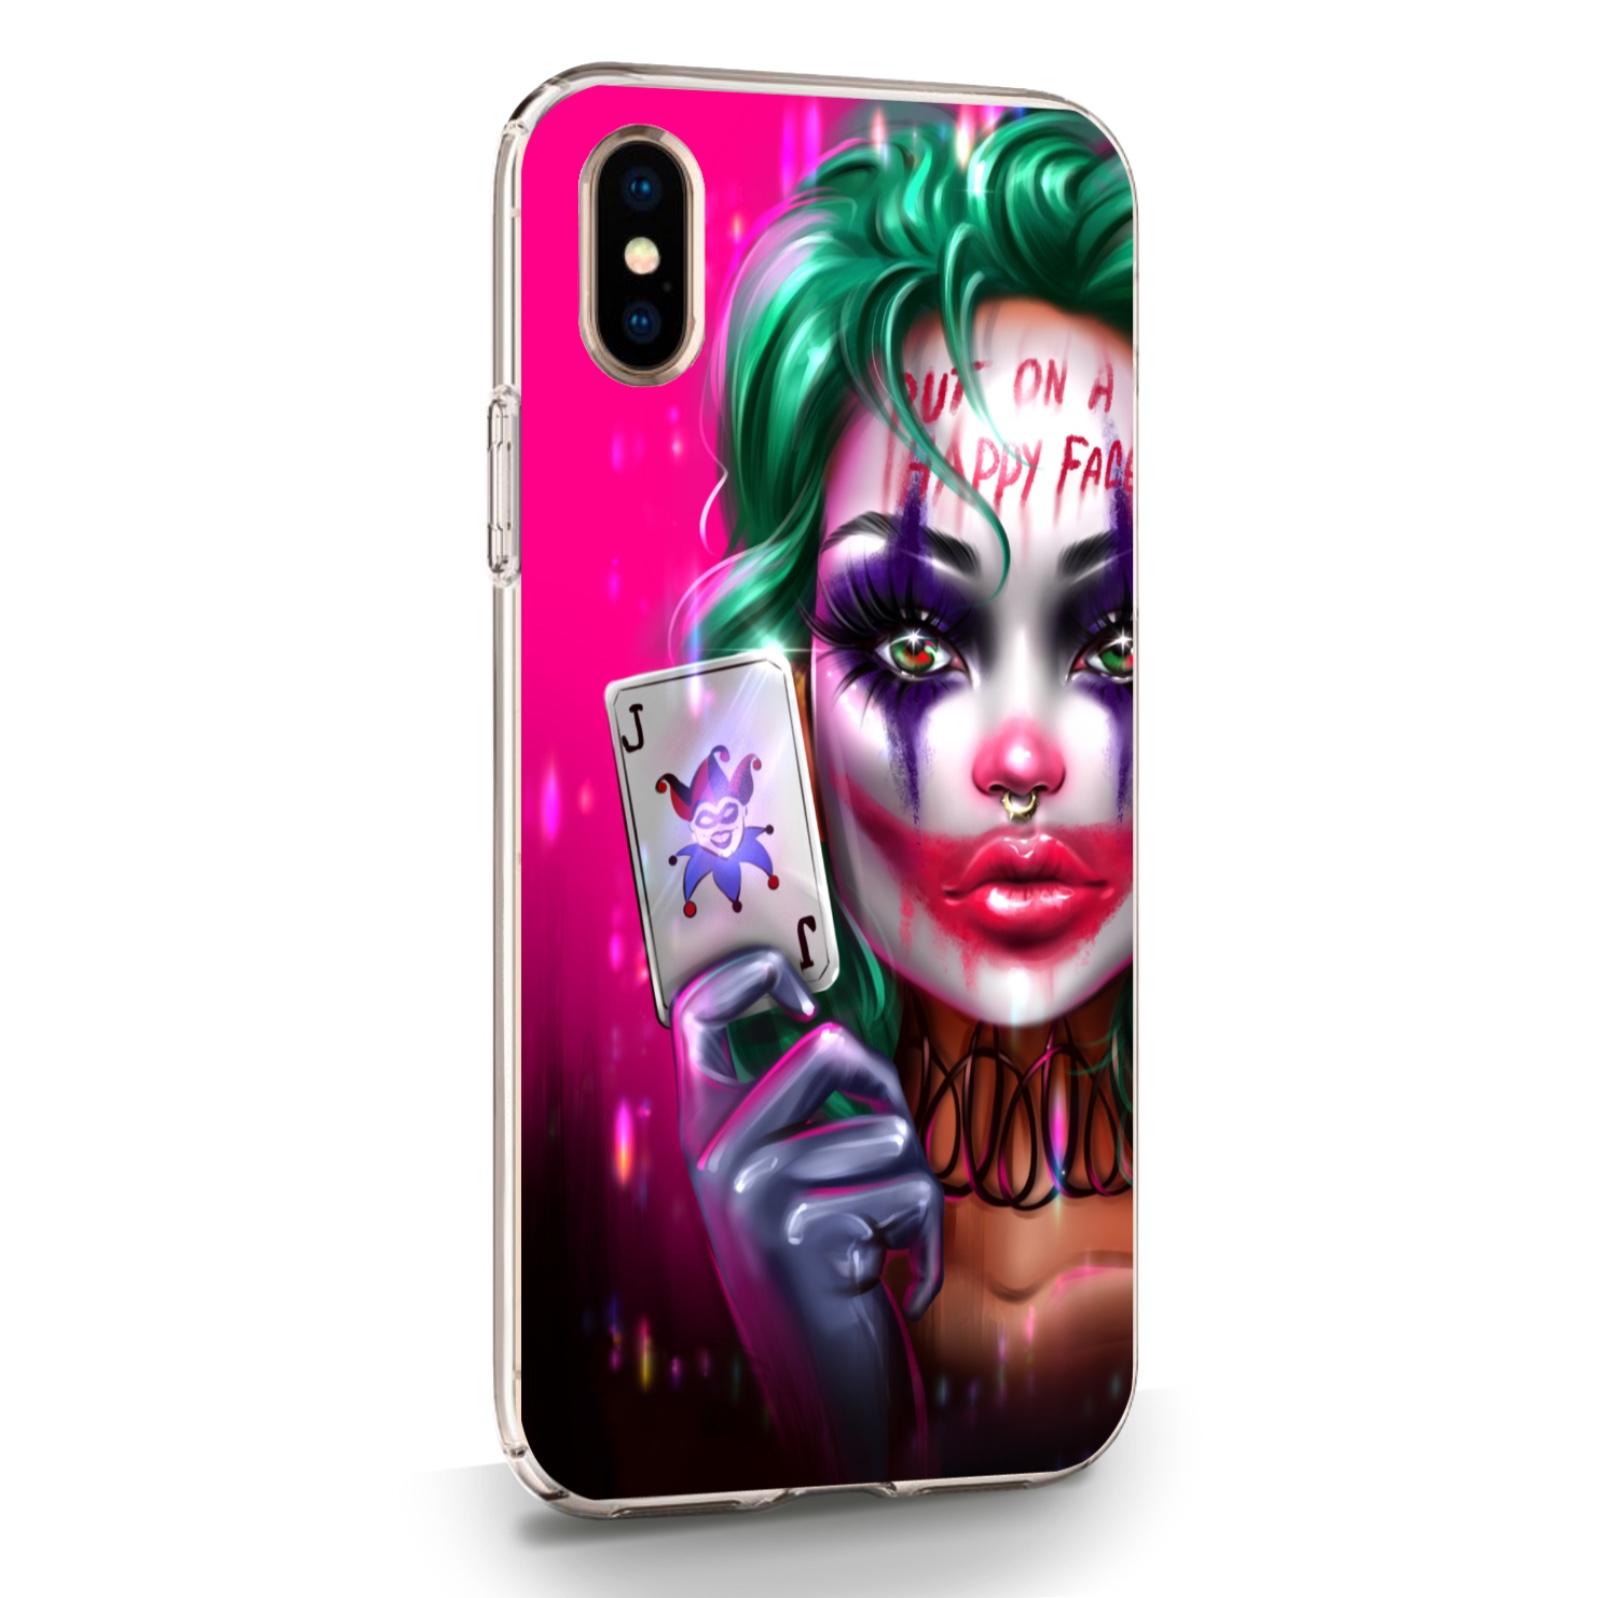 Прозрачный силиконовый чехол для iPhone X/XS JokerGirl/ Харли Квин для Айфон 10/10C